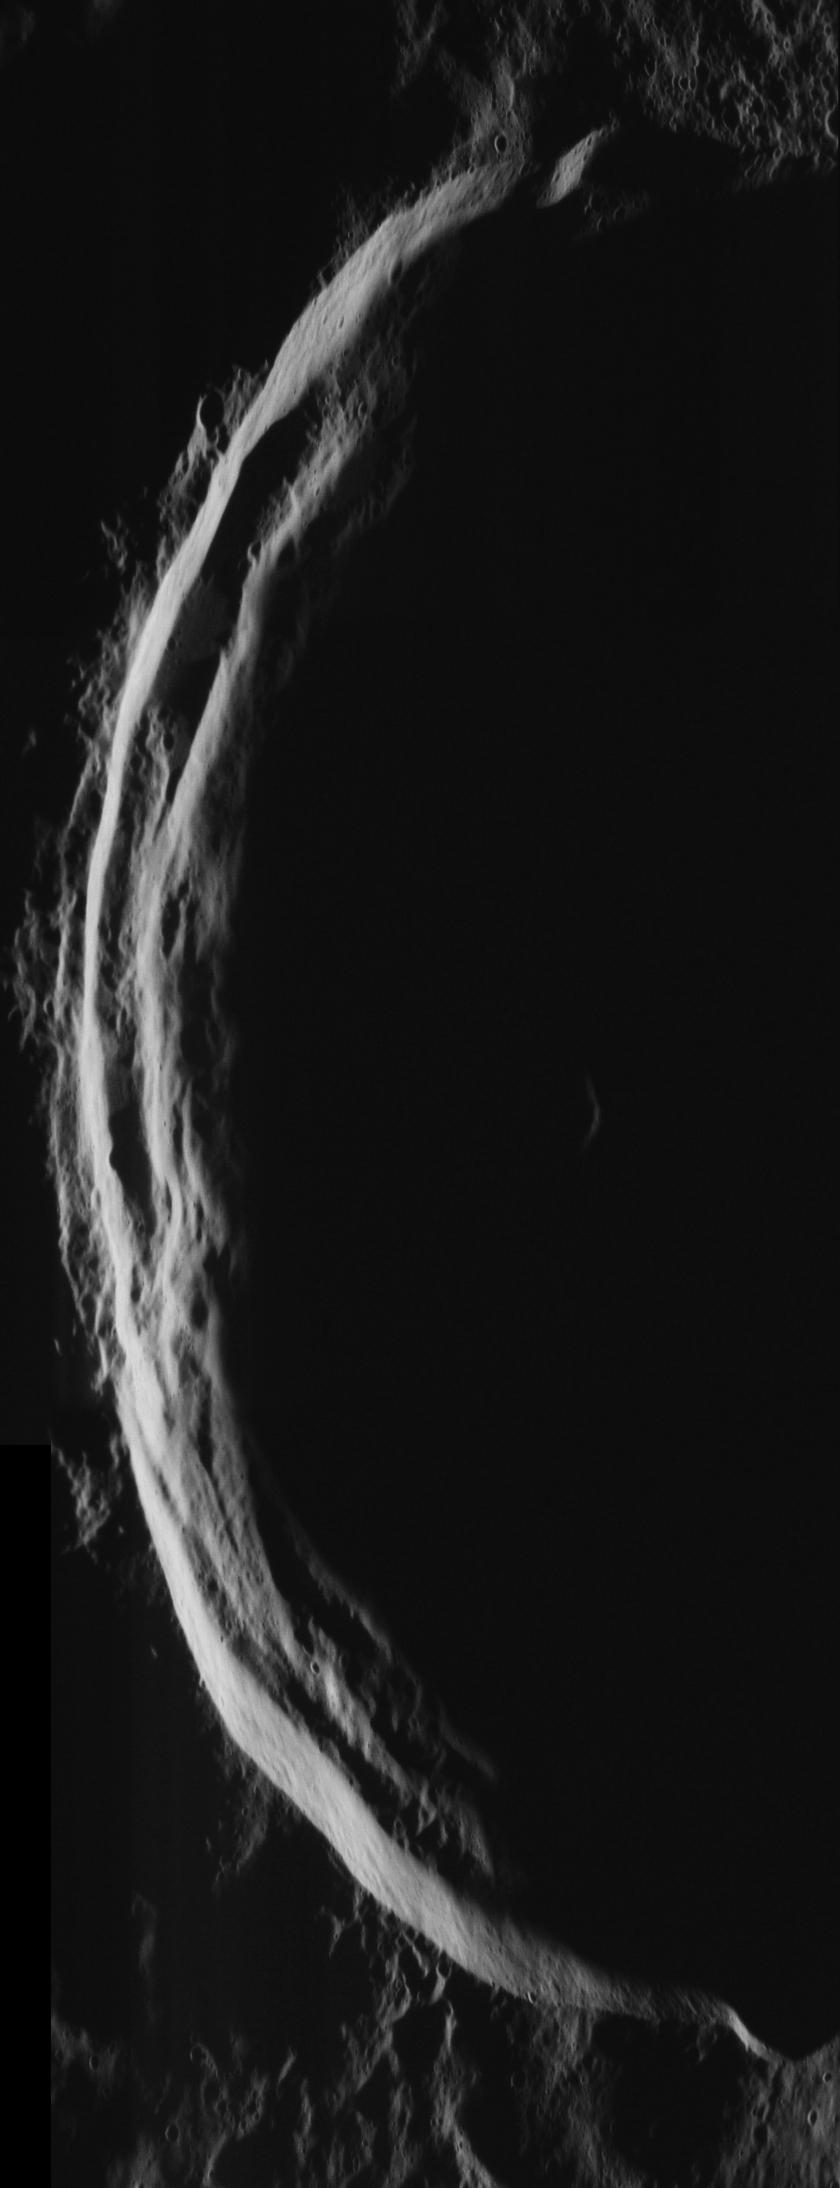 Petronius Crater